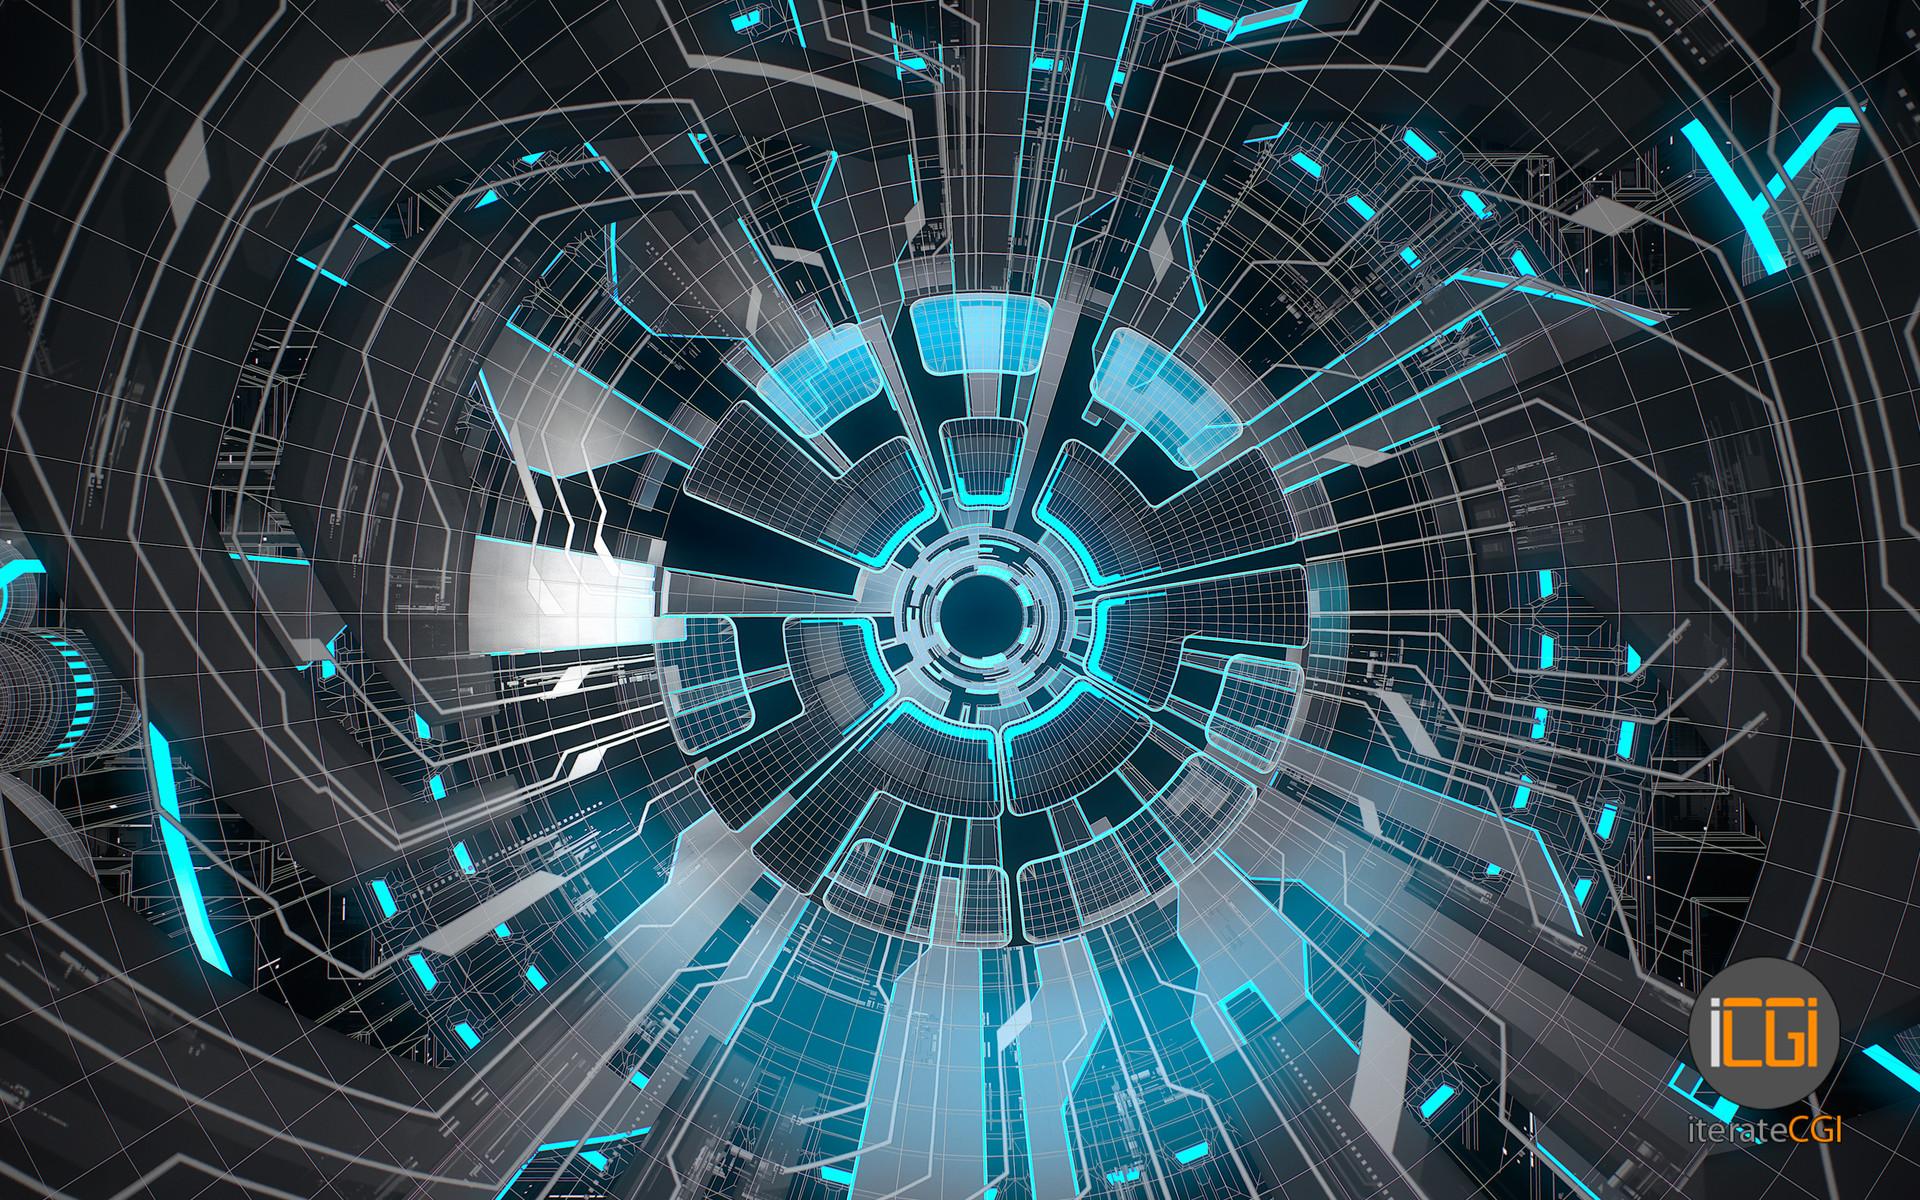 Johan de leenheer portal pt1 wire 3 14